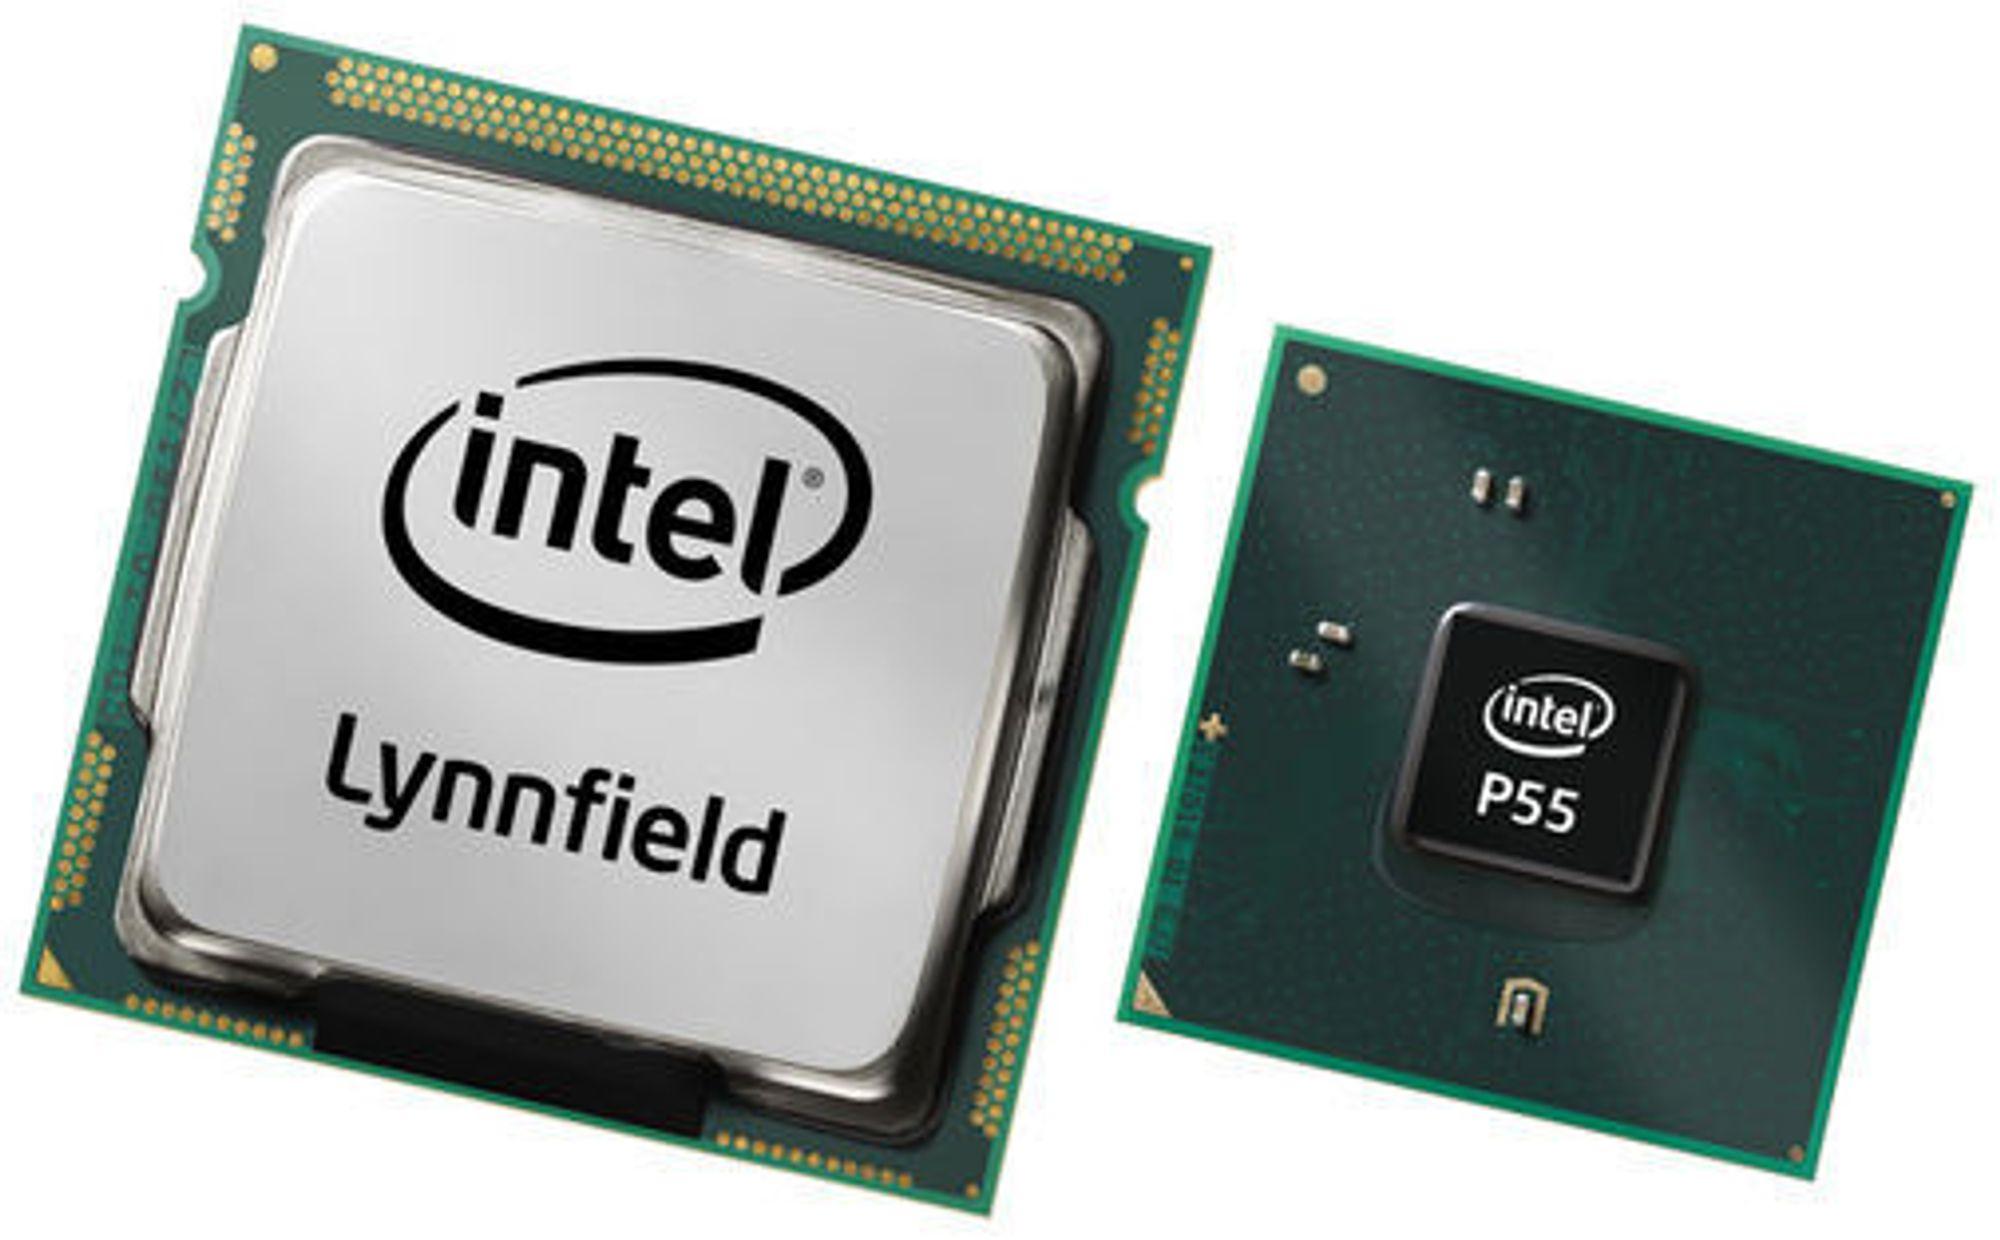 Intel Core i5 «Lynnfield» og brikkesettet Intel P55